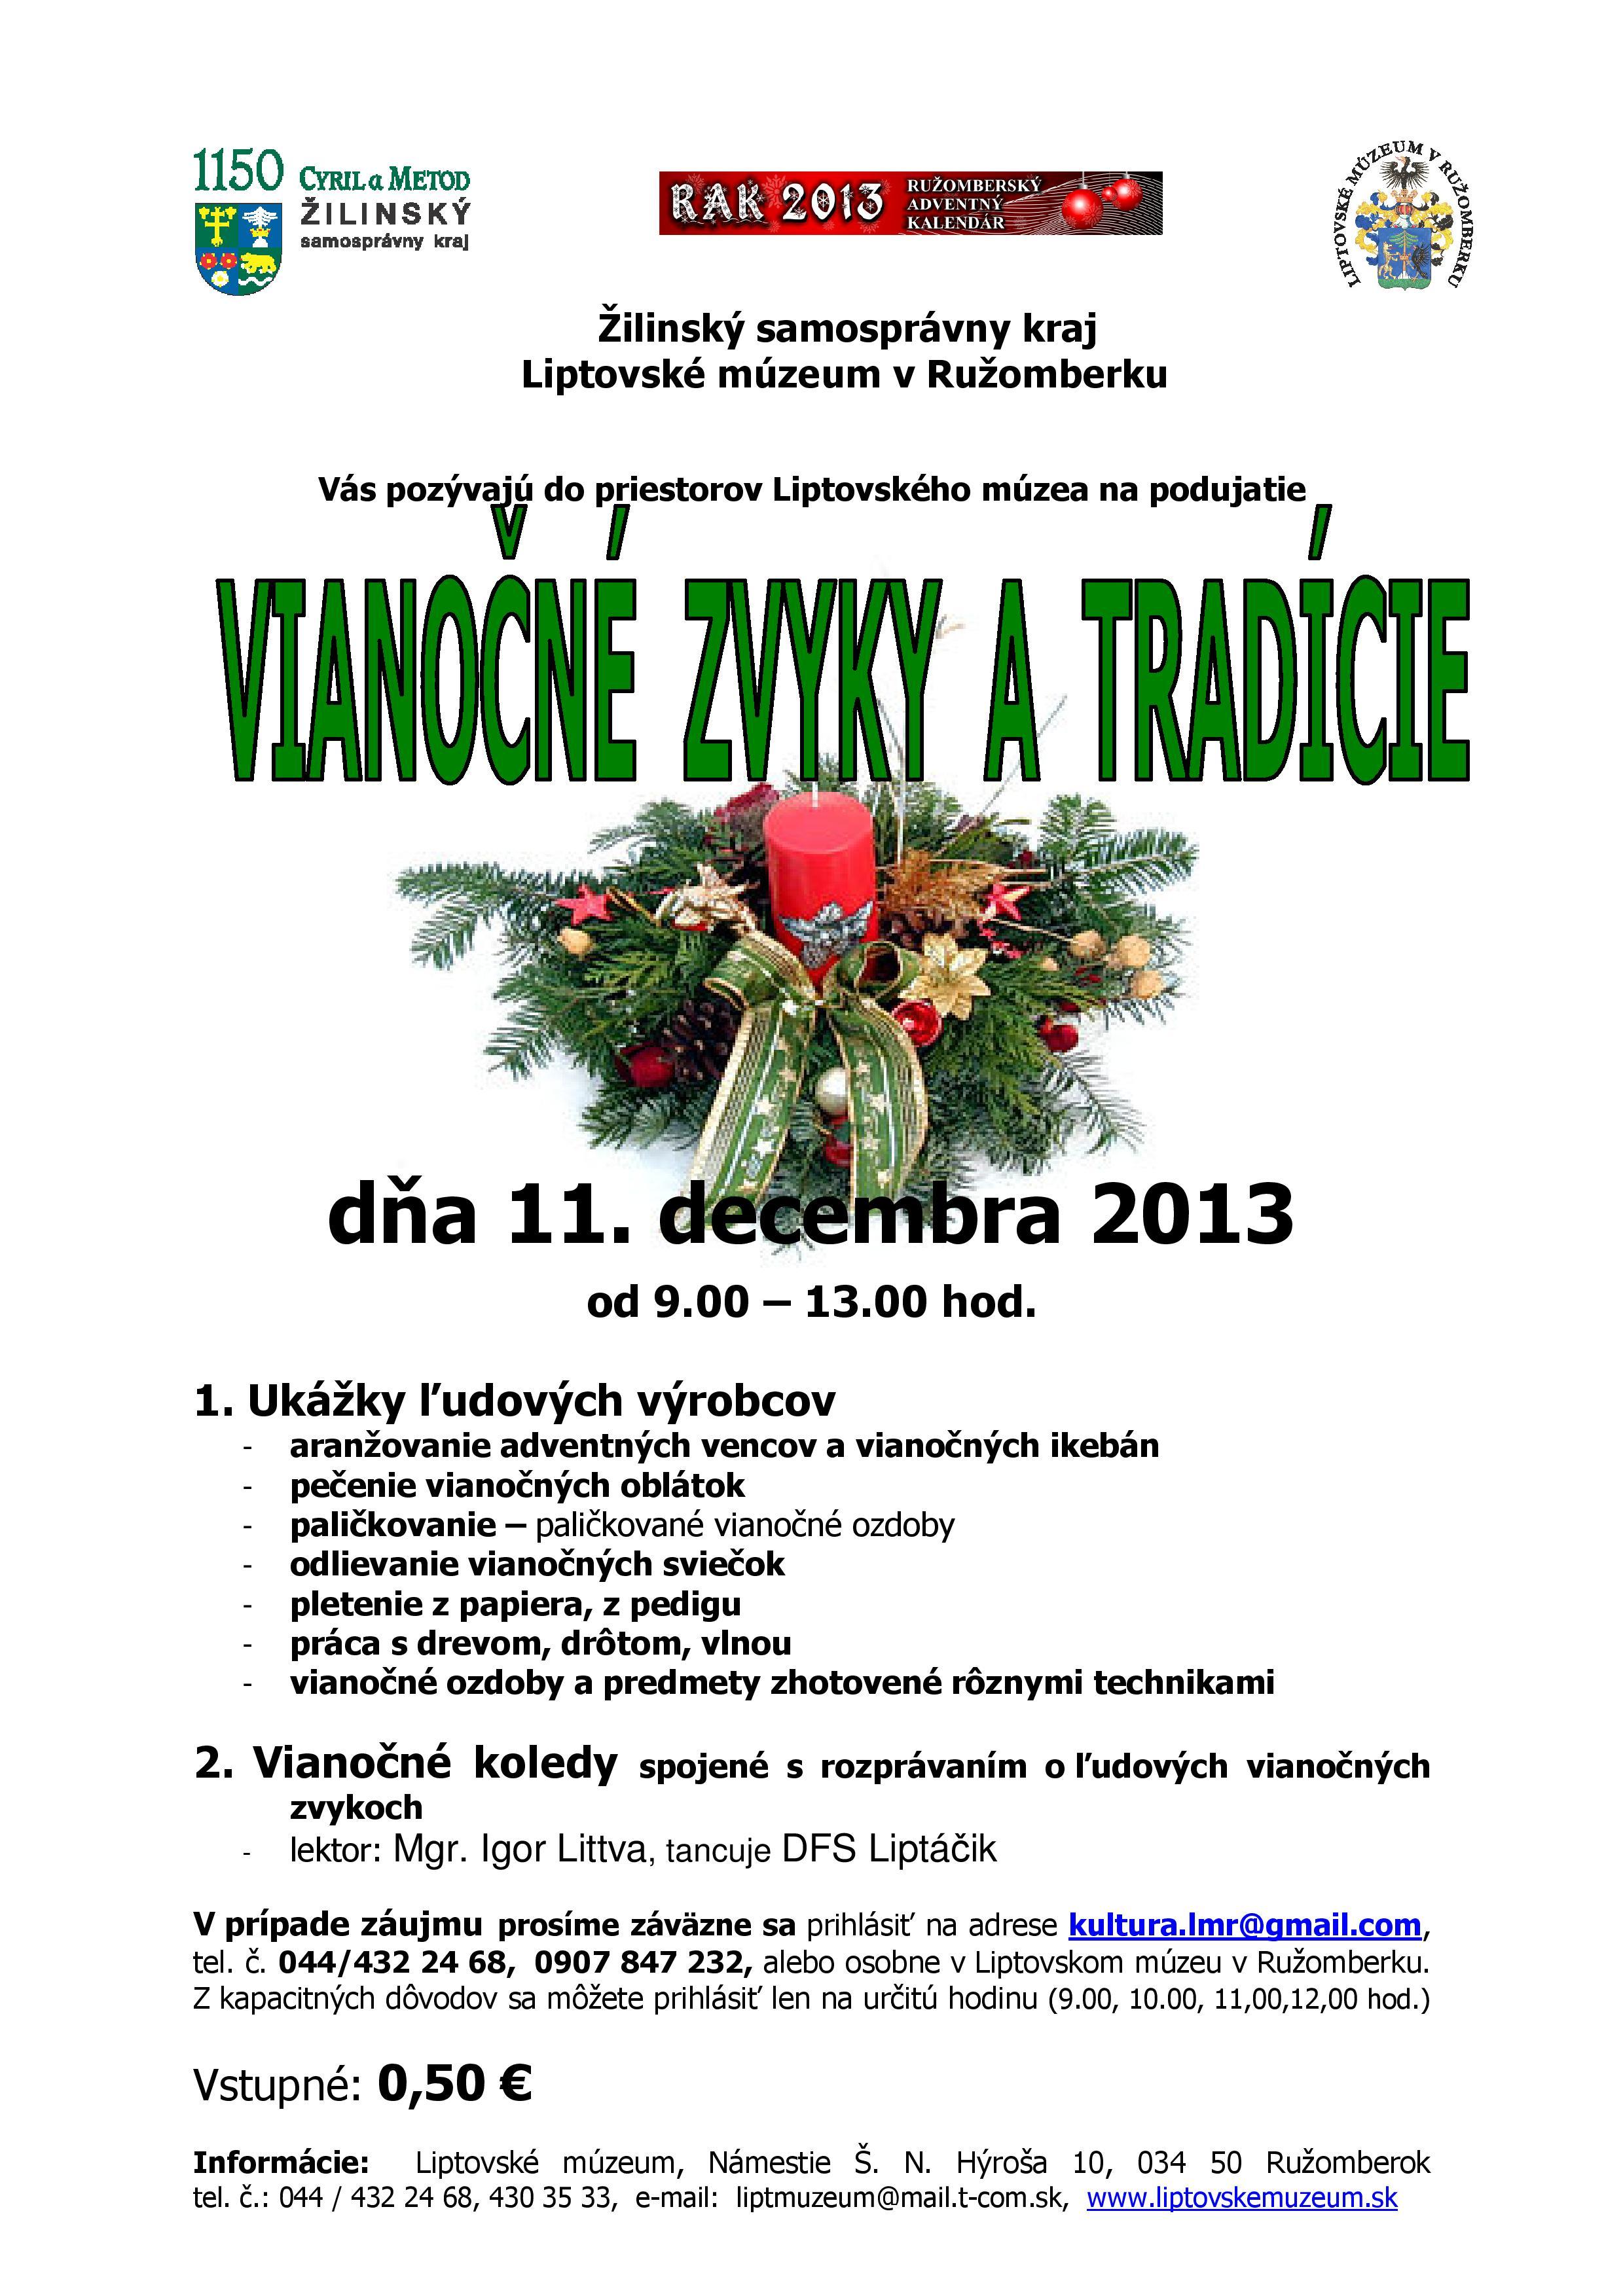 vianocne-zvyky-tradicie-2013-lmr